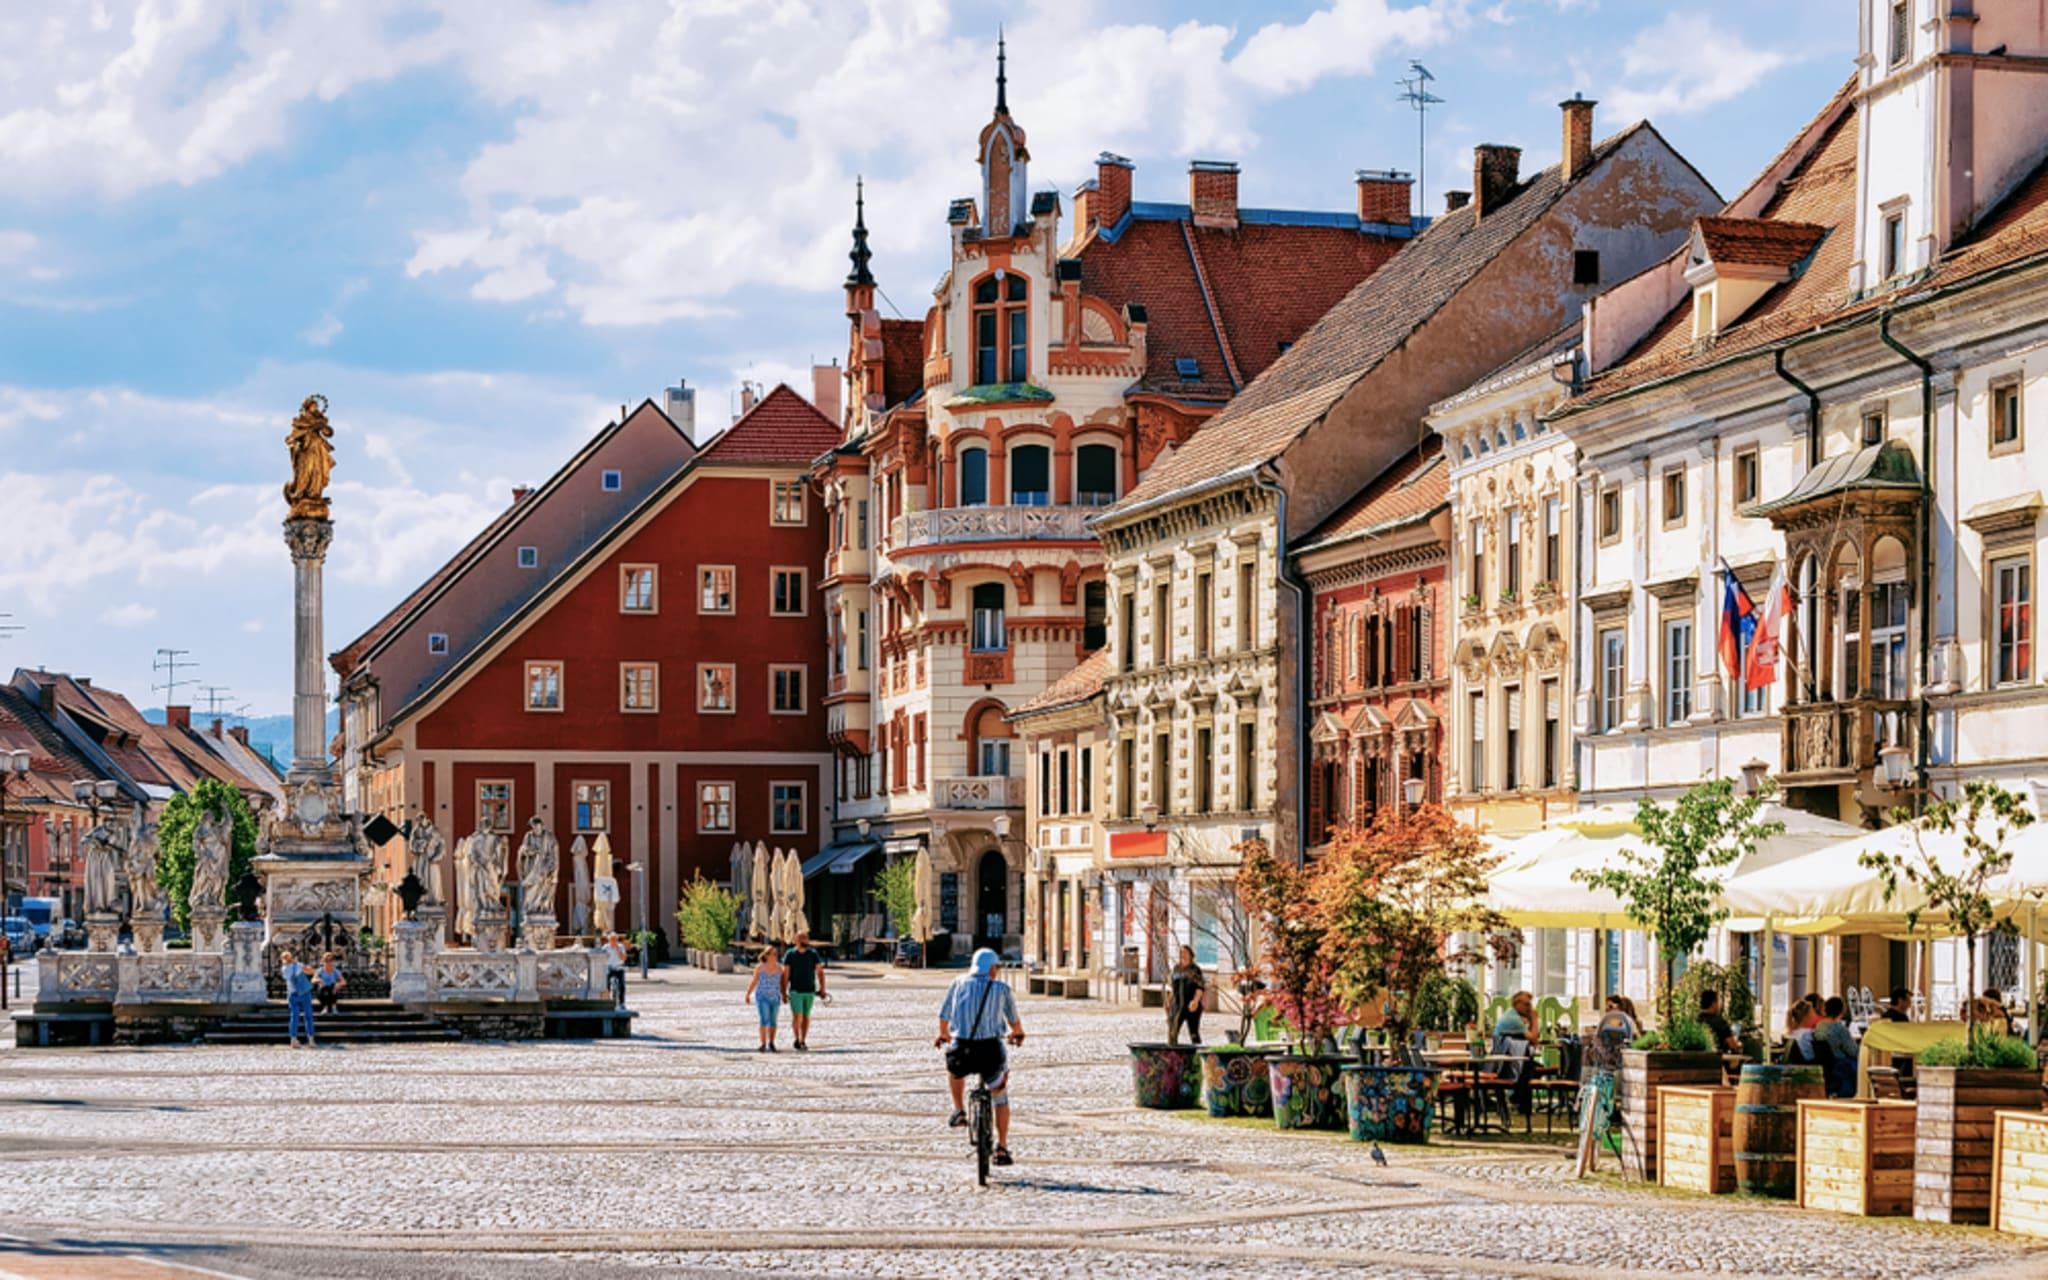 Maribor - Maribor: a Love Affair with Wine